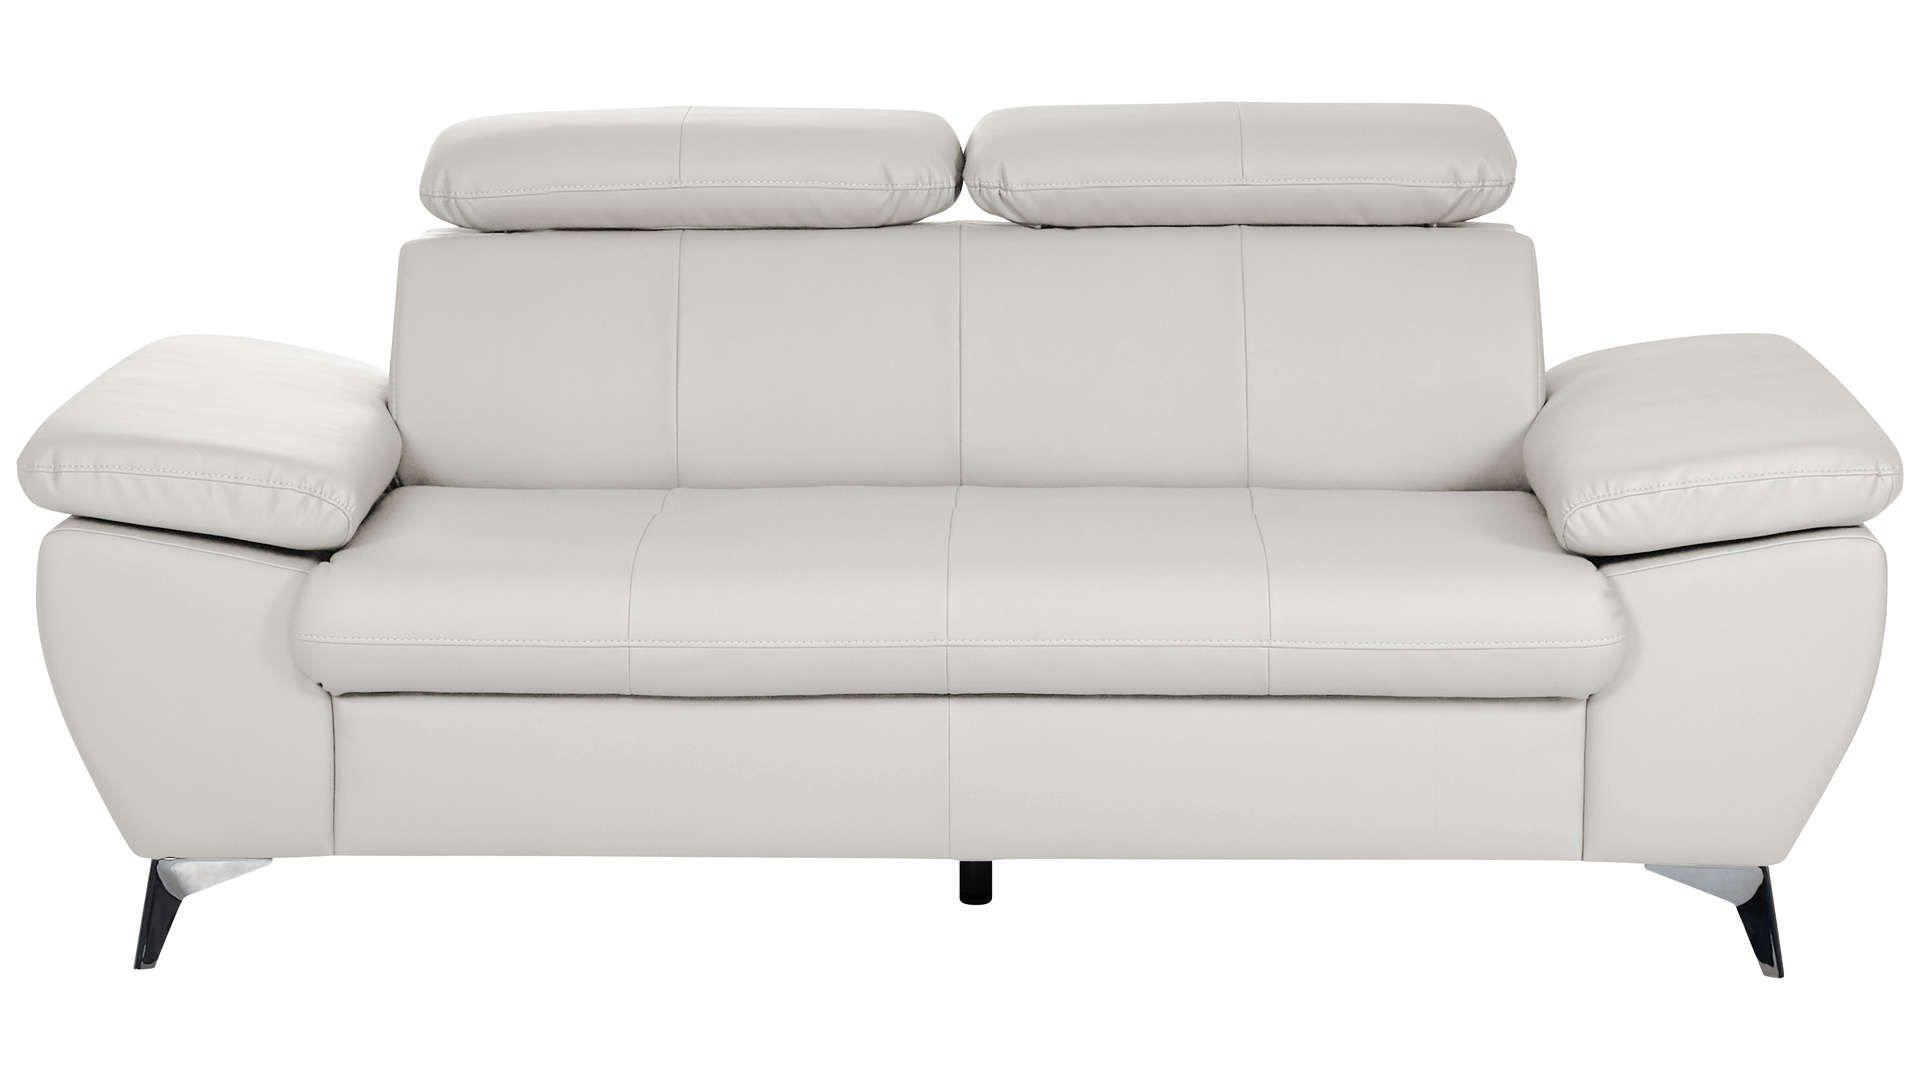 Canape Droit 2 Places Ally 2 Coloris Blanc En Pu Canape Droit Salon Et Blanc